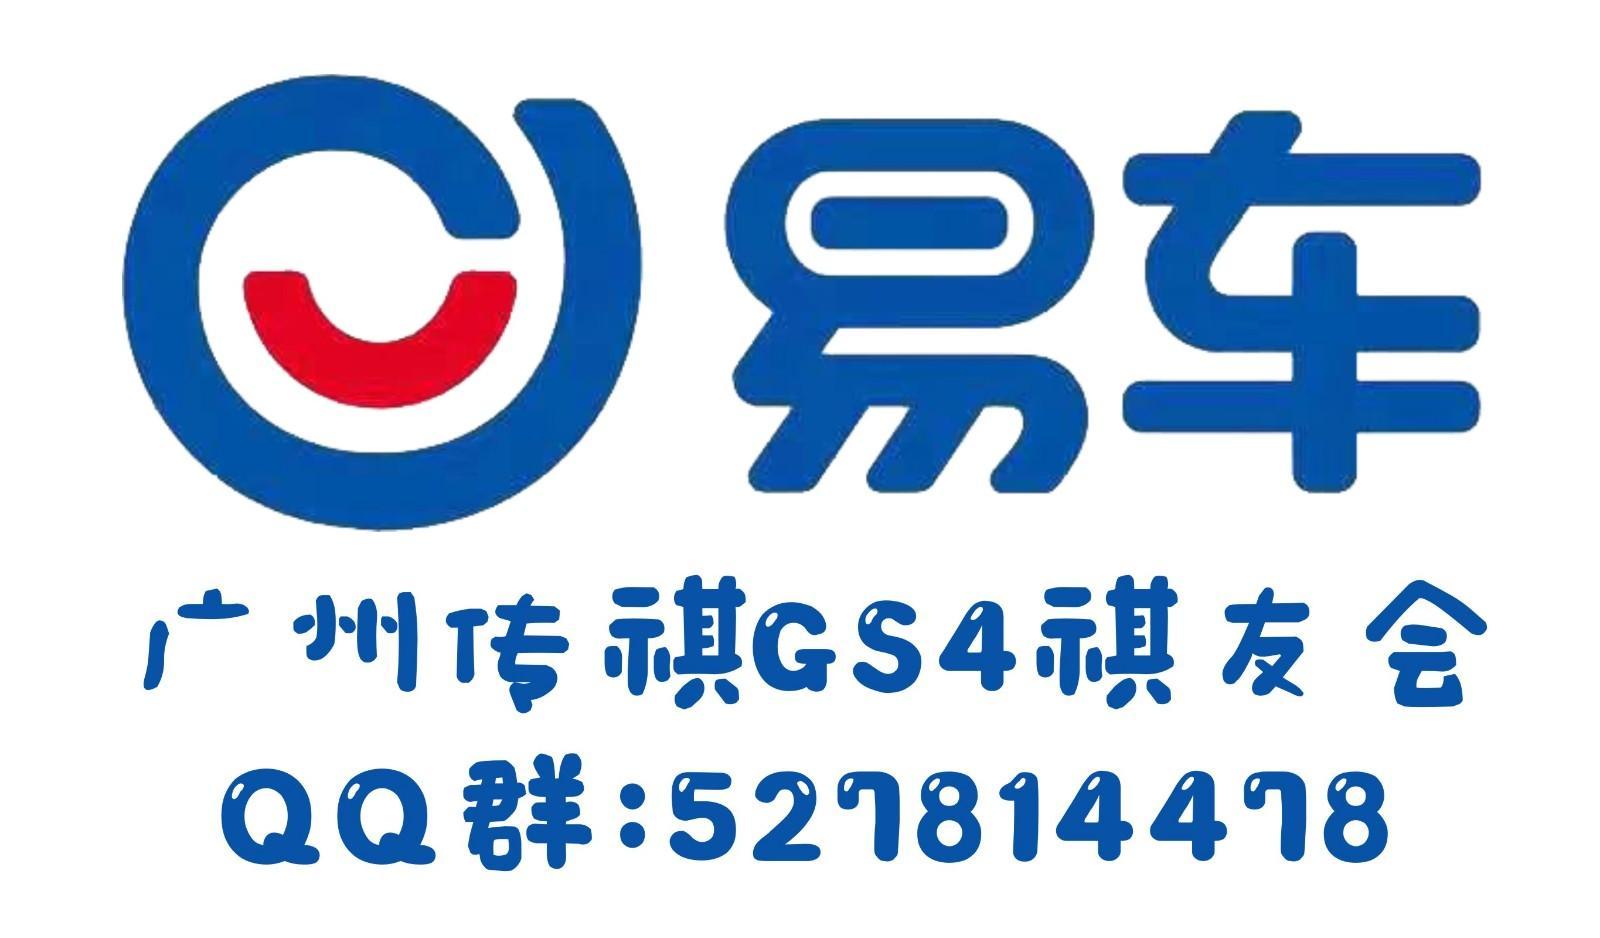 """【易车】广州GS4祺友会4周年年会【重""""心""""出发】"""